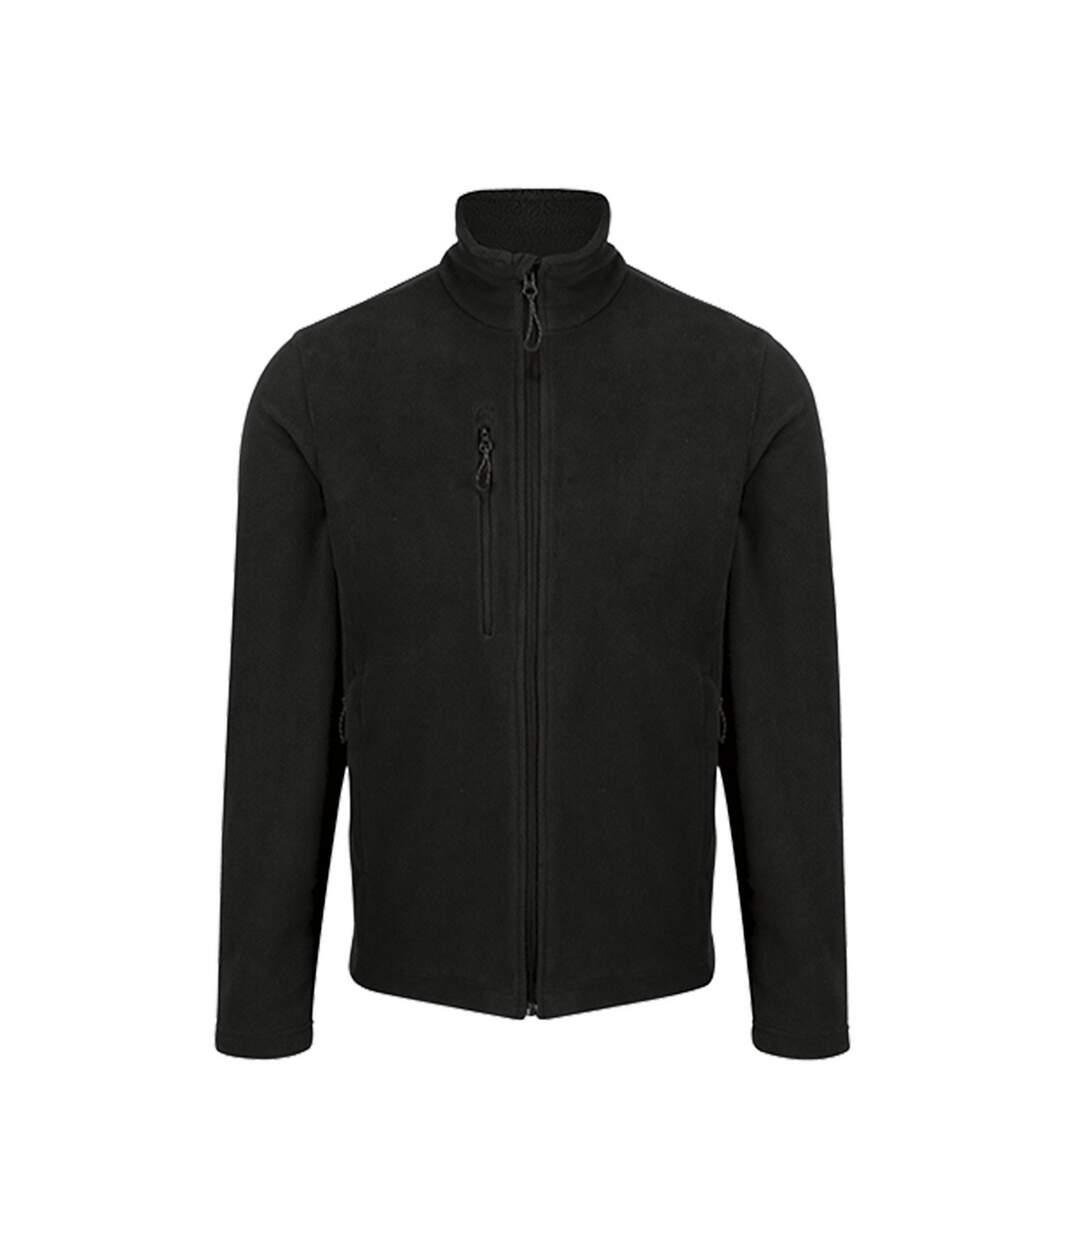 Regatta Mens Honestly Made Recycled Fleece Jacket (Black) - UTPC4048